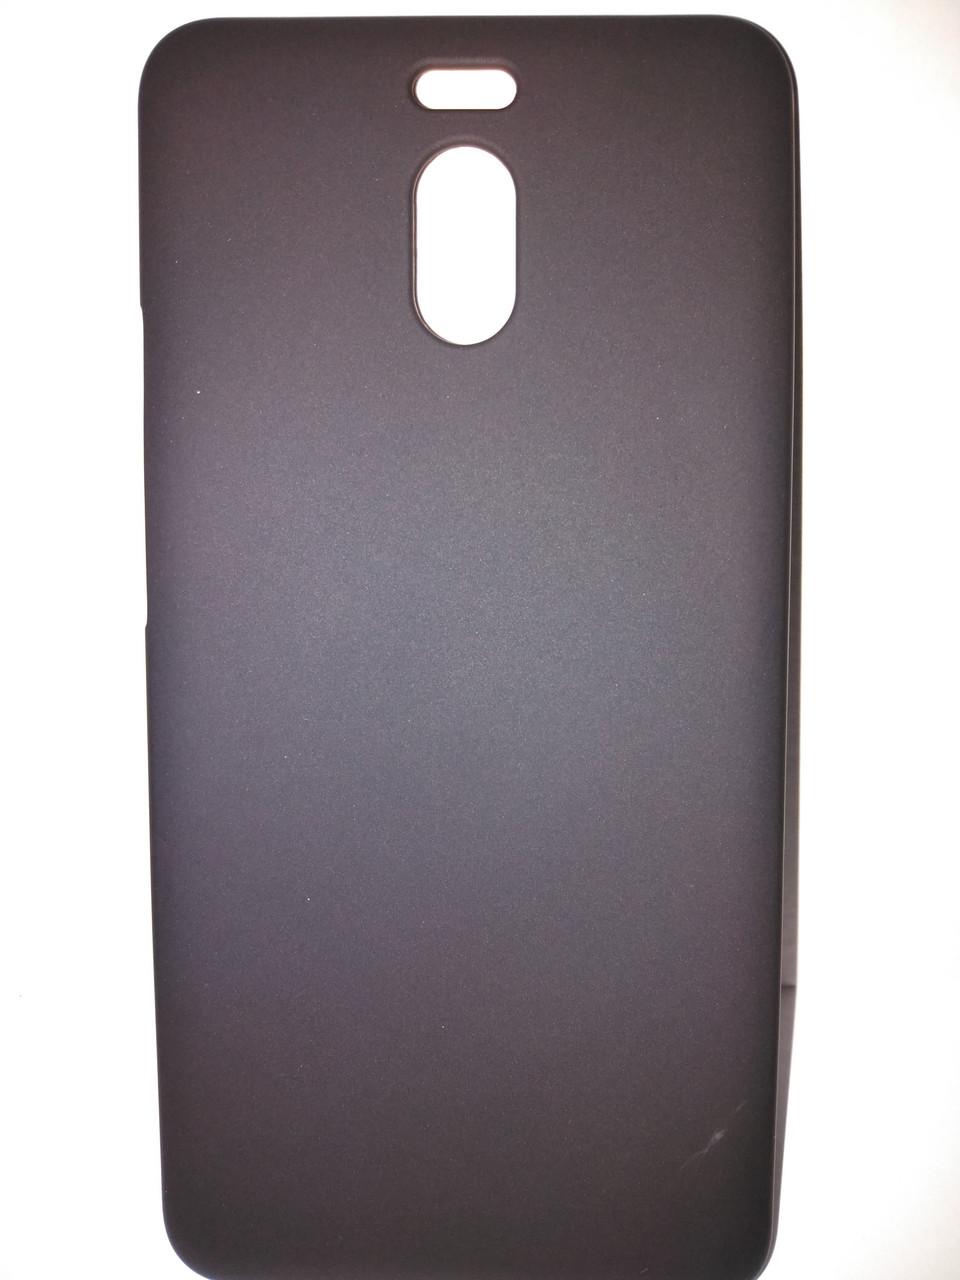 Чехол бампер силиконовый для Meizu M6 Note. Черный